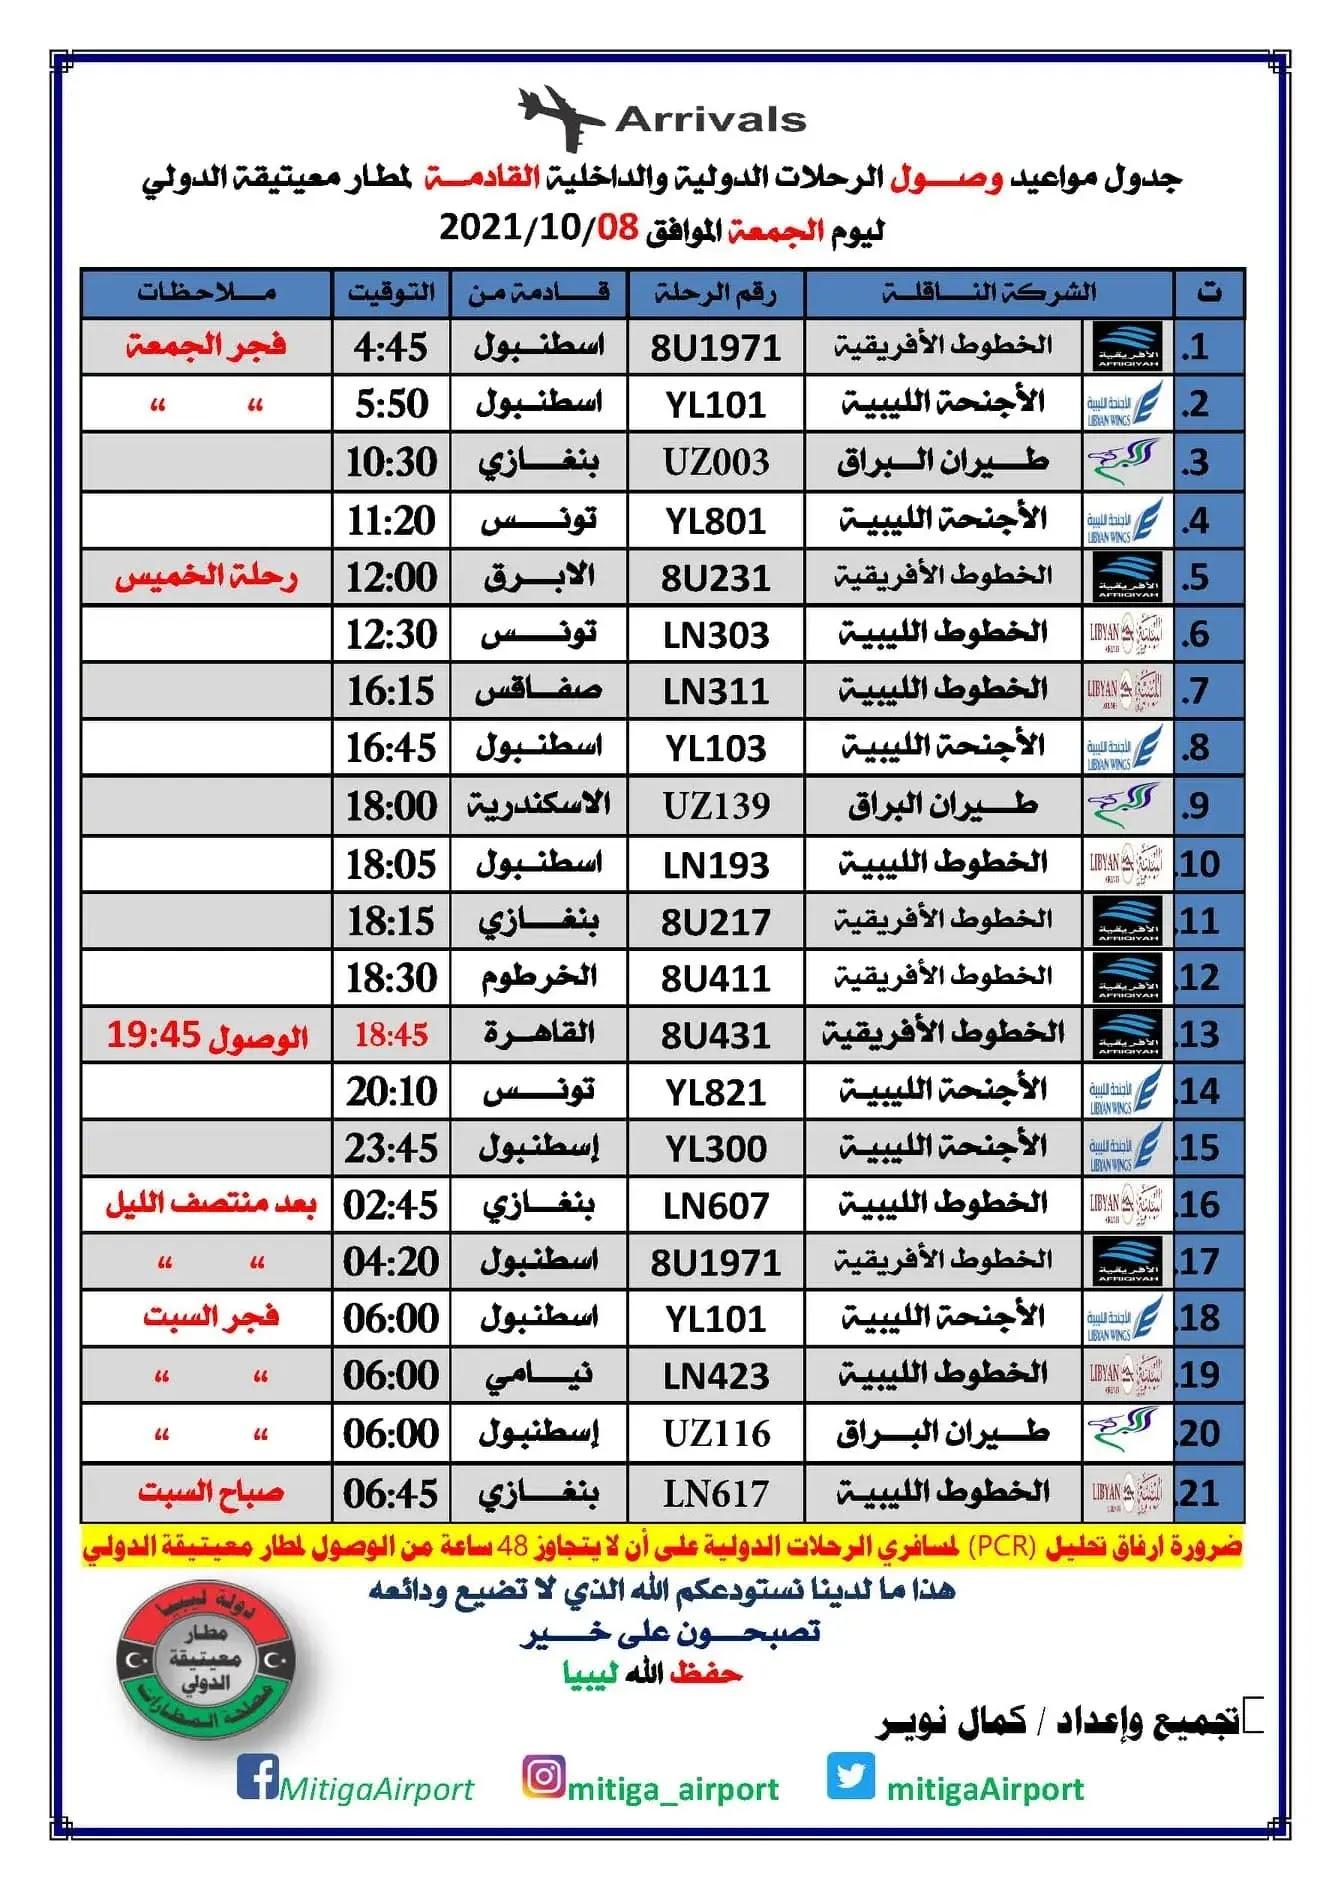 رحلات مطار معيتيقة الدولي الجمعة 08-10-2021م